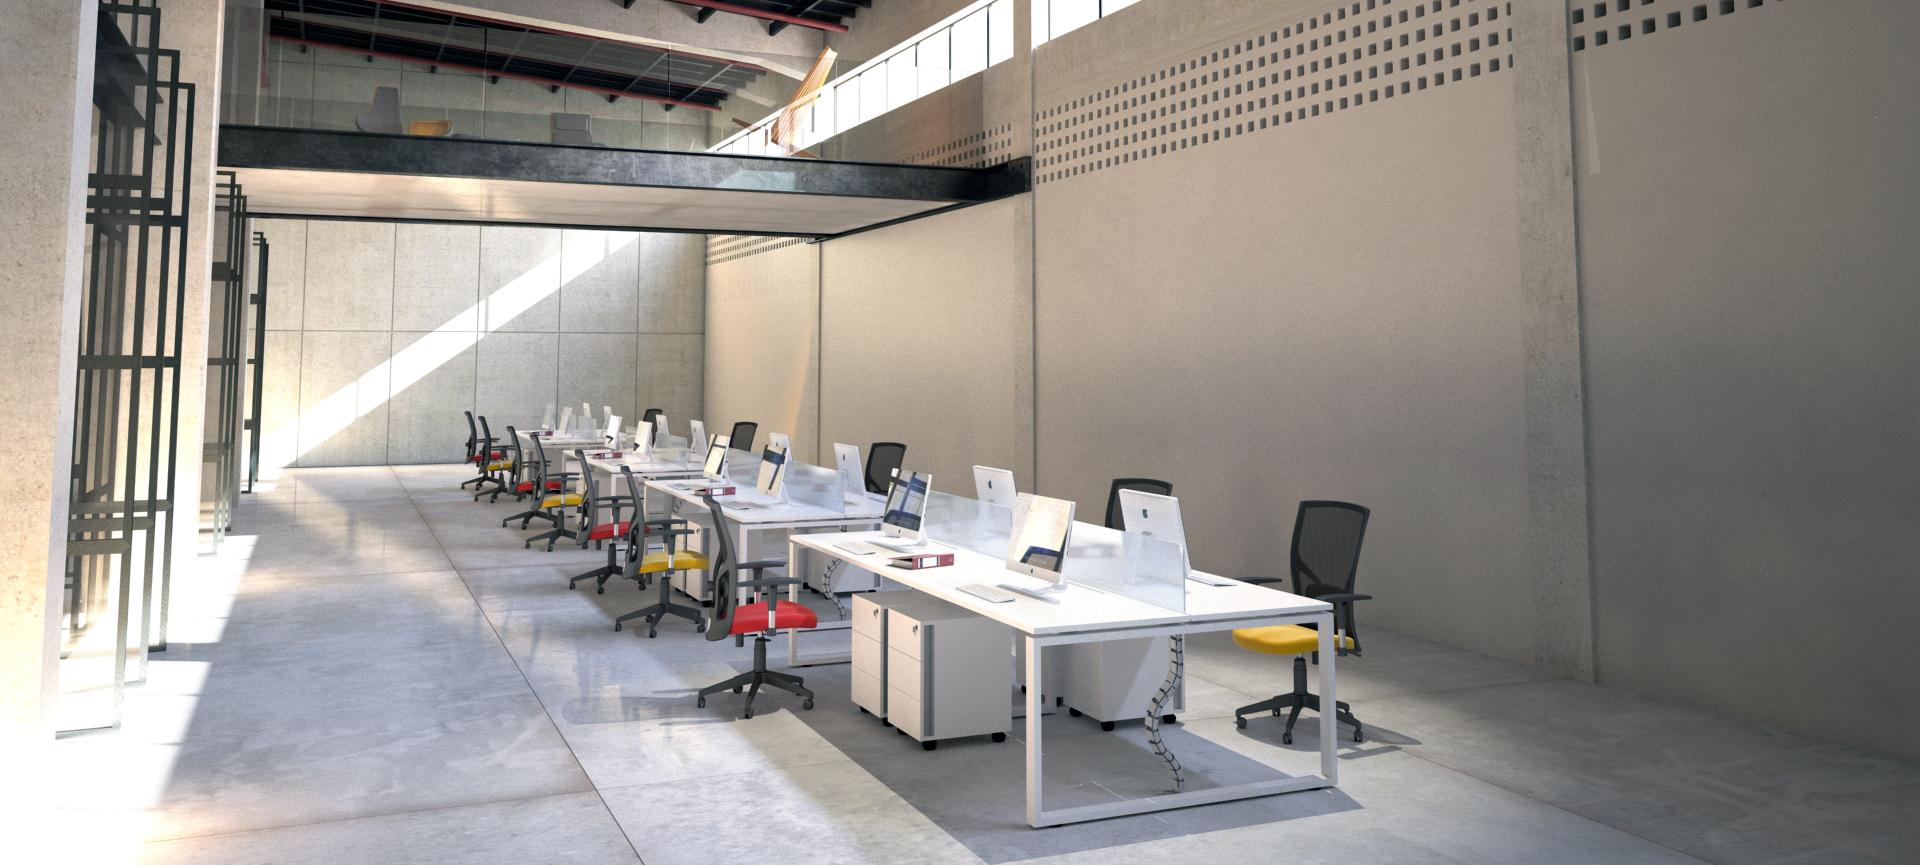 oficinas equipadas por ergosit